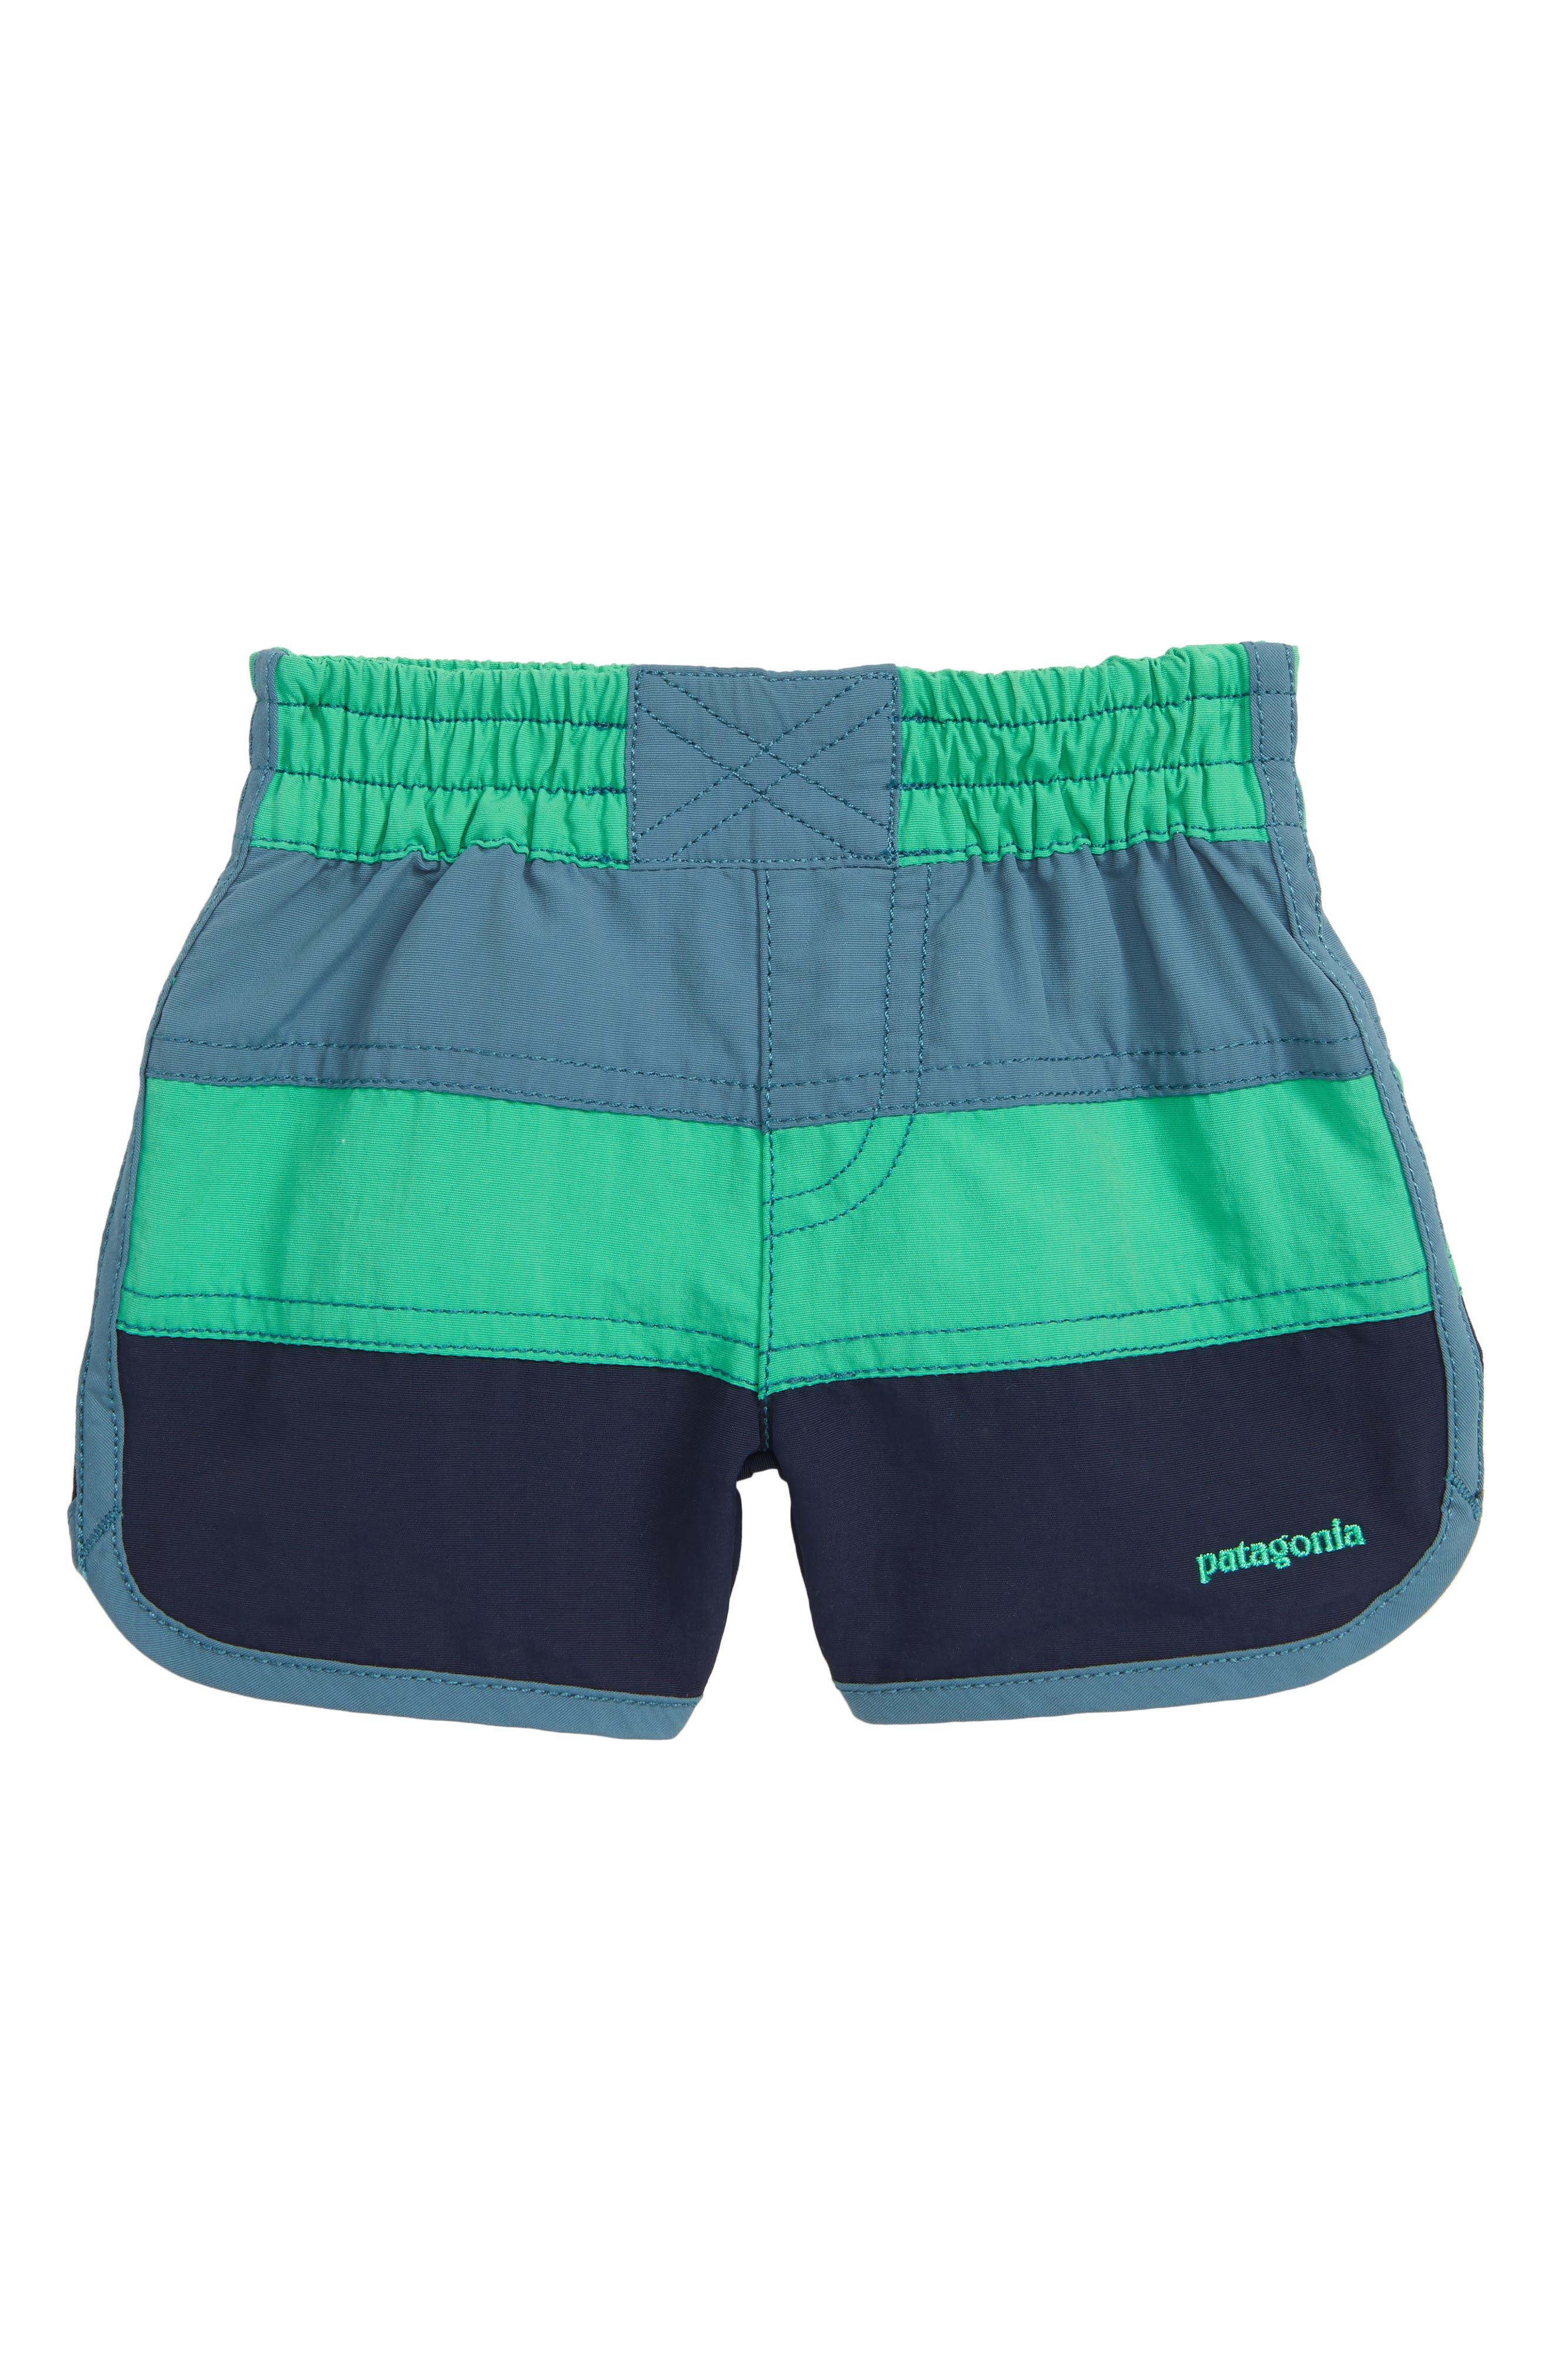 PATAGONIA, Board Shorts, Main thumbnail 1, color, 300